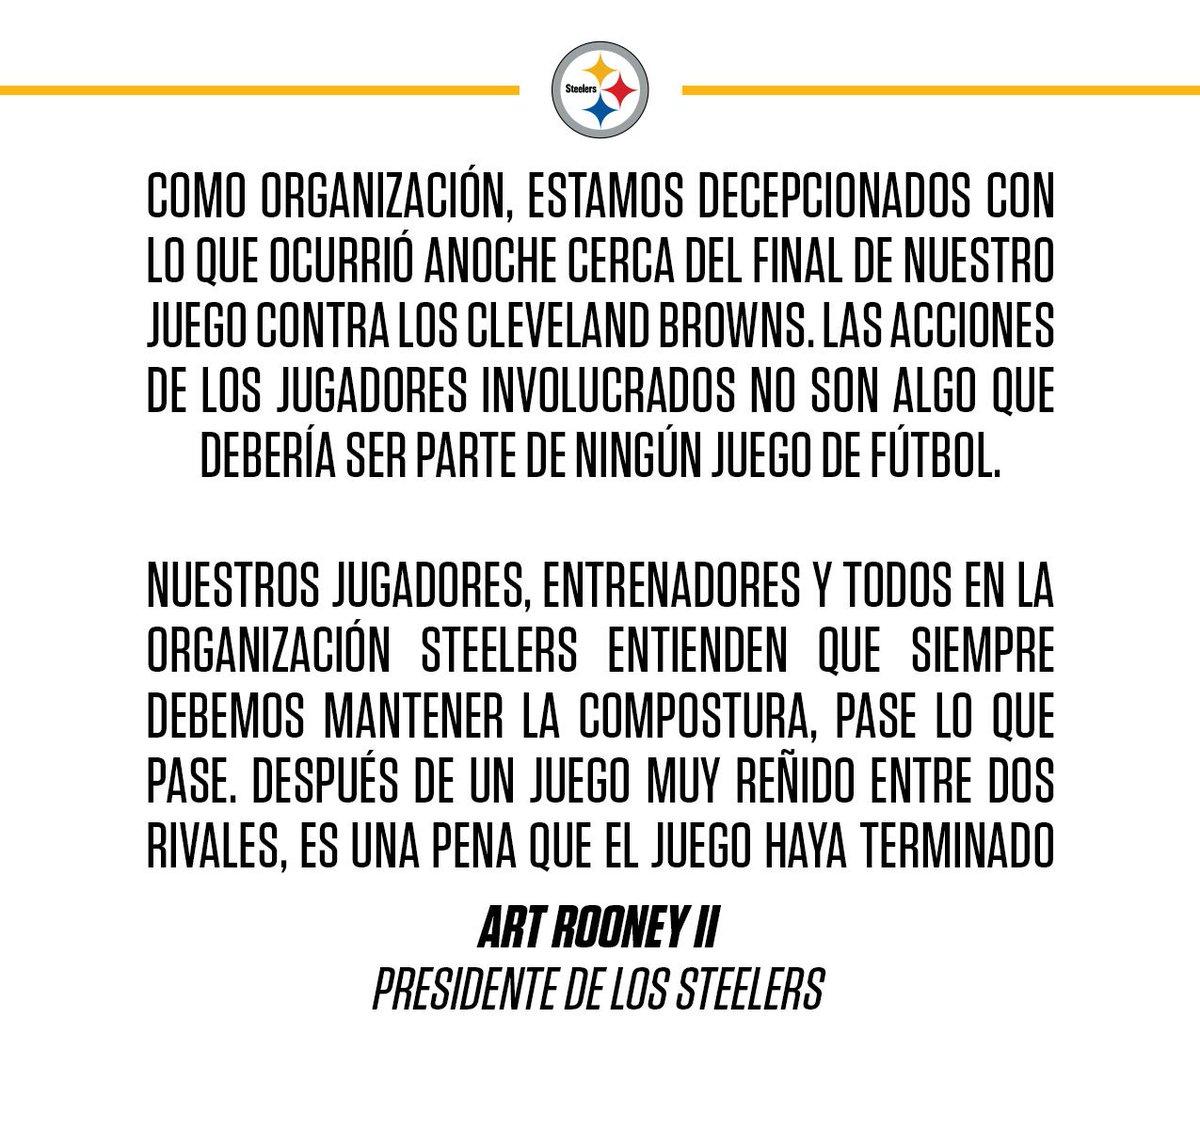 Declaración del presidente de los #Steelers Art Rooney II después del partido de jueves por la noche en Cleveland. https://t.co/JoCnKtObX8